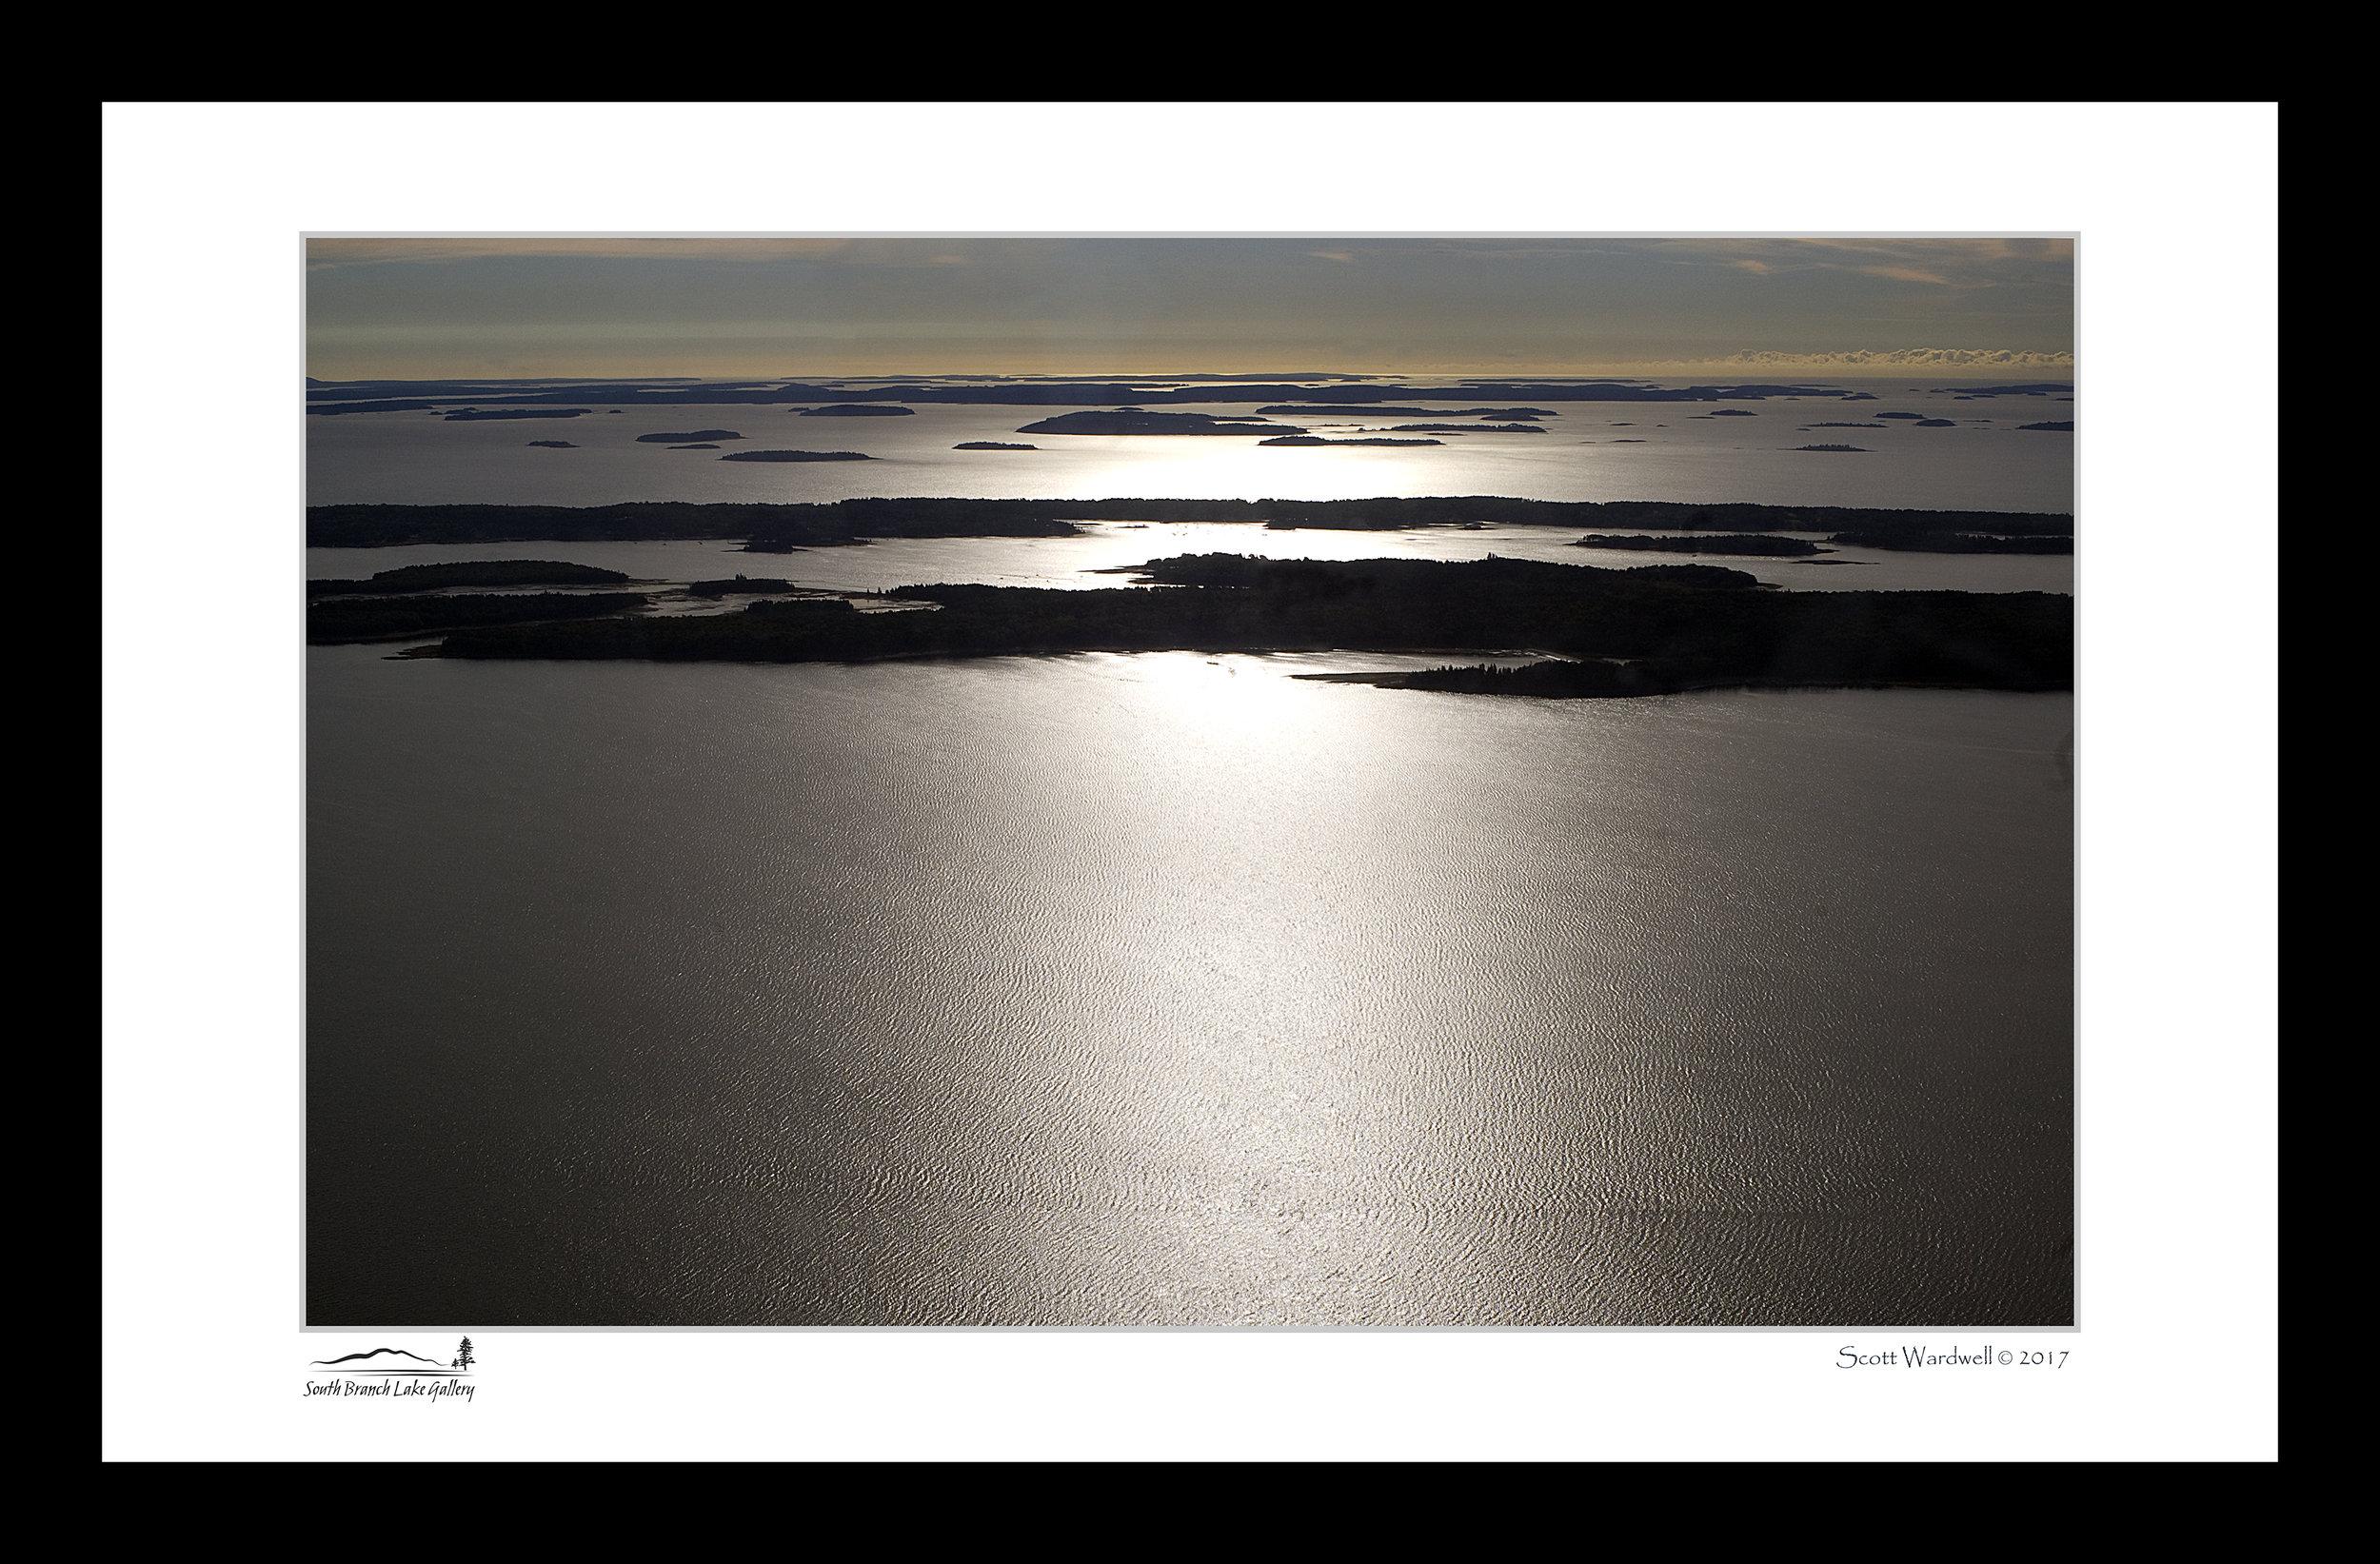 East Over Penobscot Bay